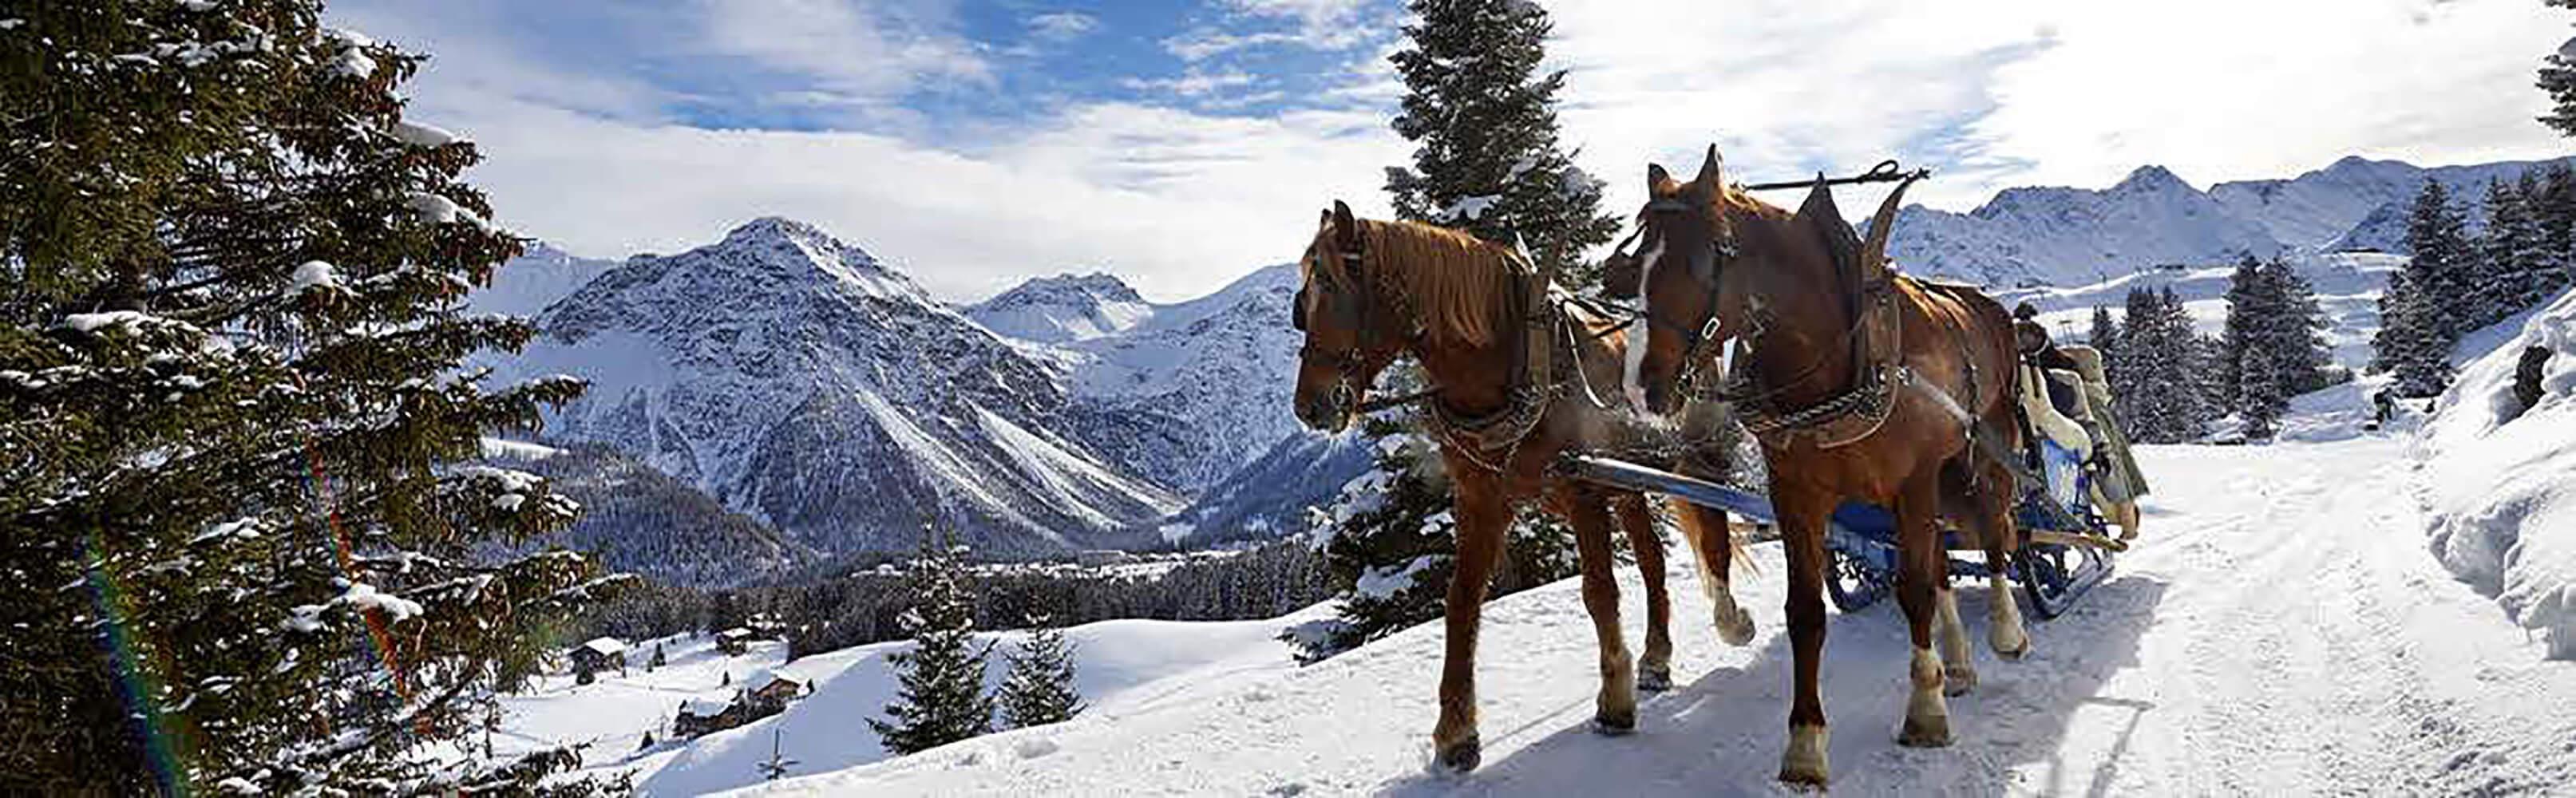 Pferdeschlittenfahrt Arosa 1